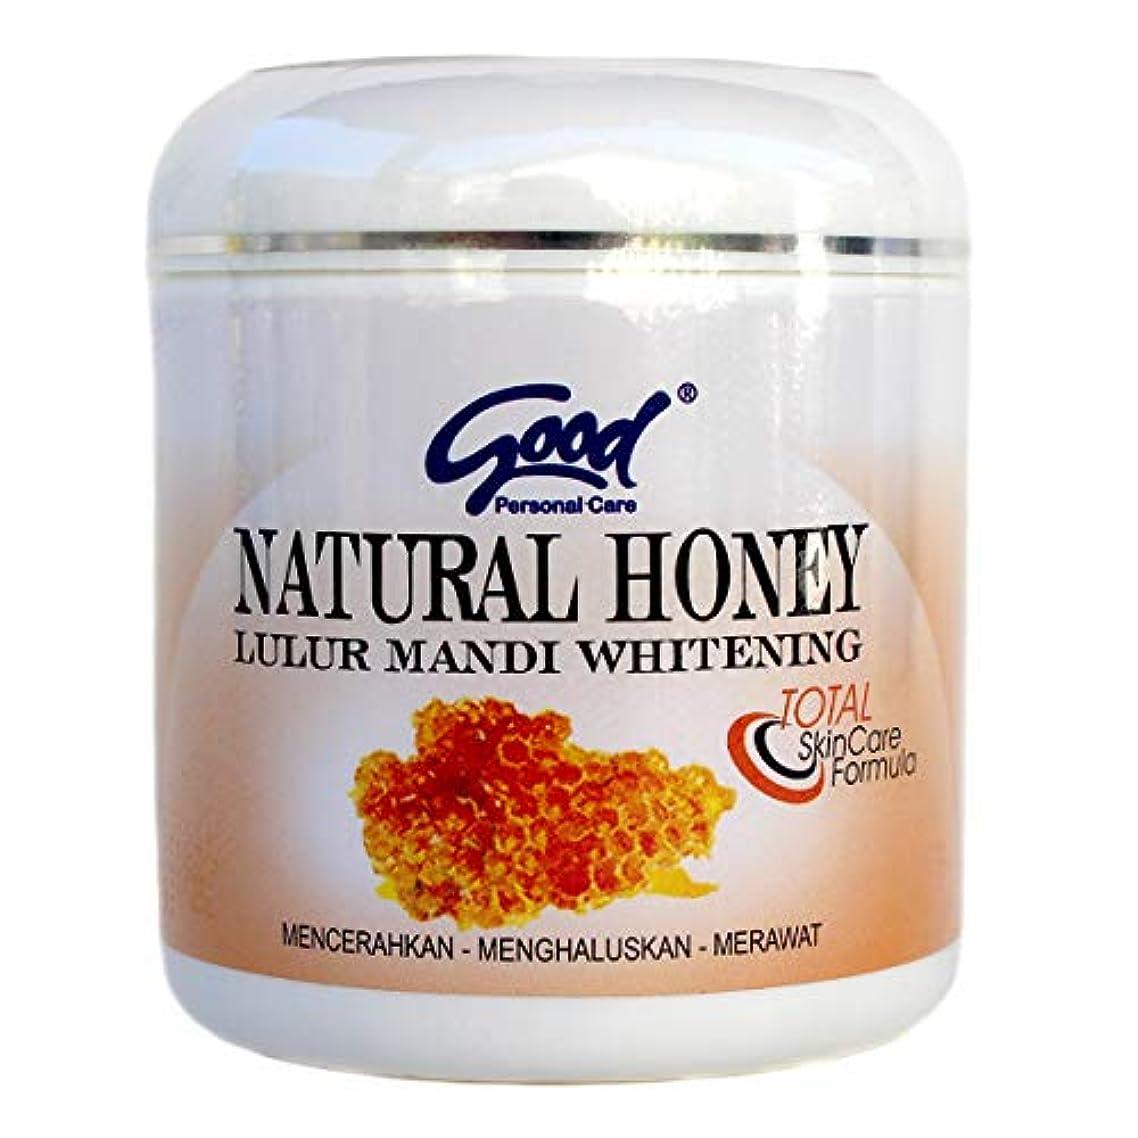 規定ブルームラインgood グッド インドネシアバリ島の伝統的なボディスクラブ Lulur Mandi マンディルルール 200g Natural Honey ナチュラルハニー [海外直送品]